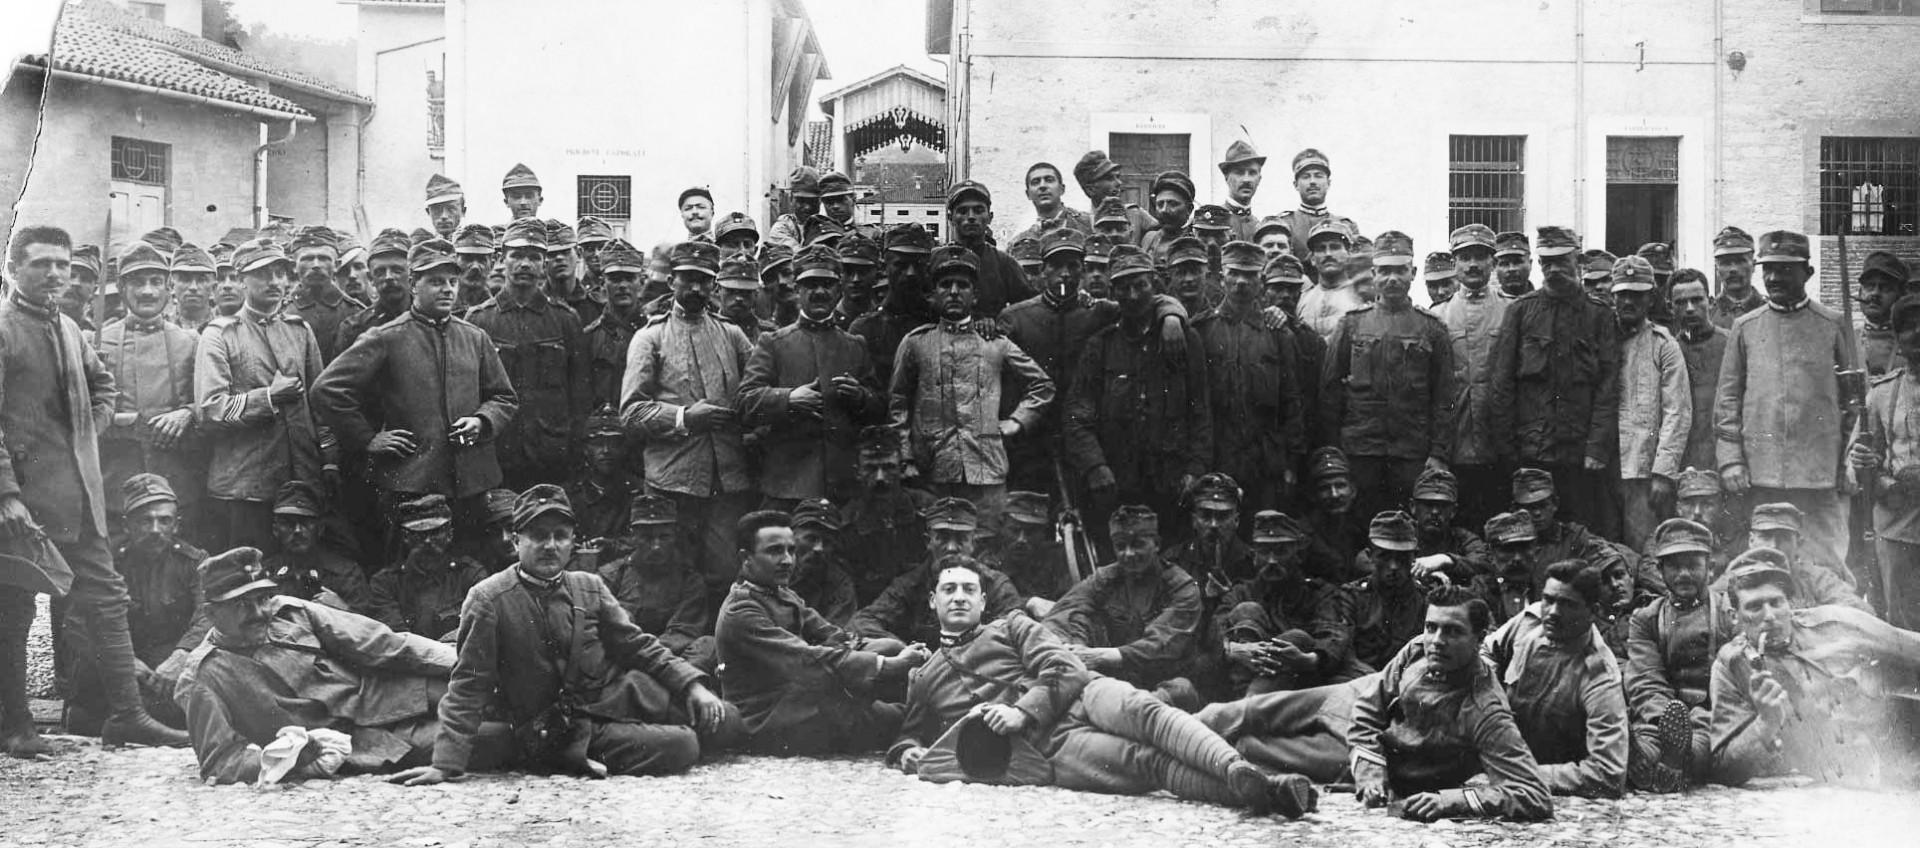 Soldati italiani e austriaci Archivio RCS